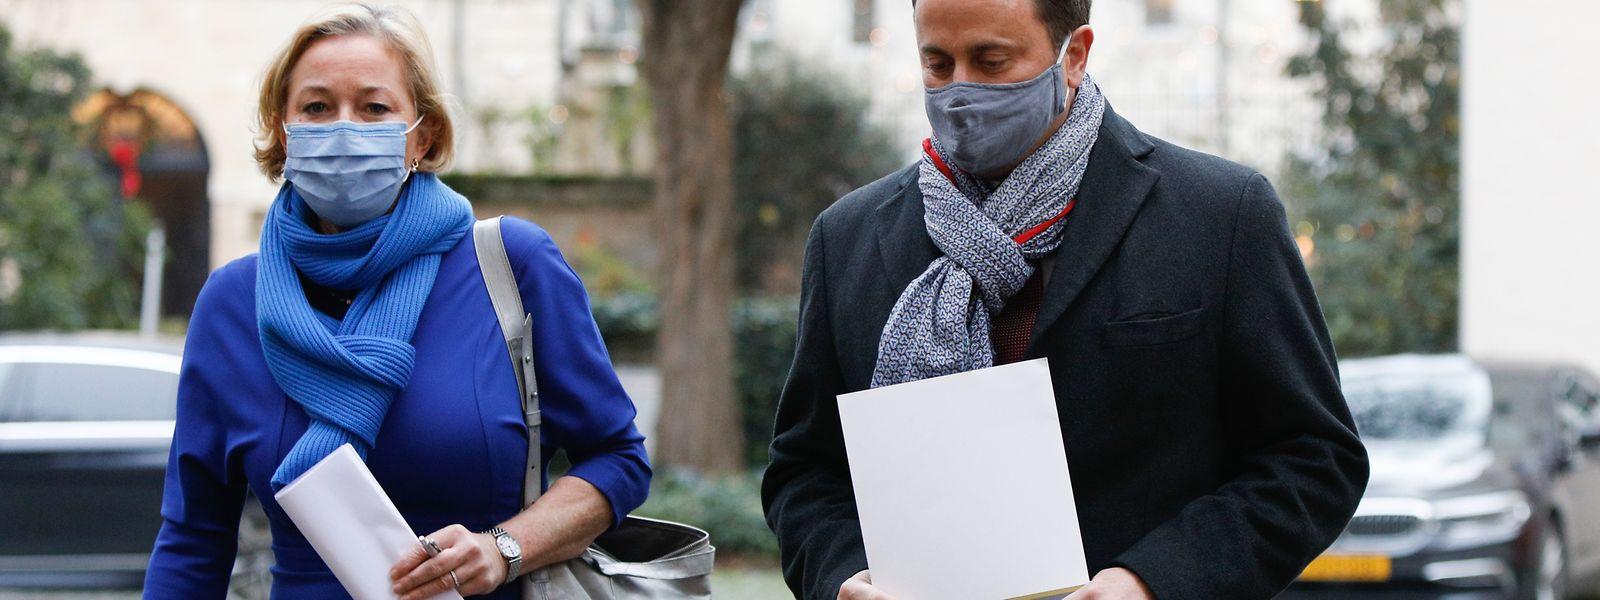 Premier Xavier Bettel und Gesundheitsministerin Paulette Lenert auf dem Weg zum Pressebriefing.